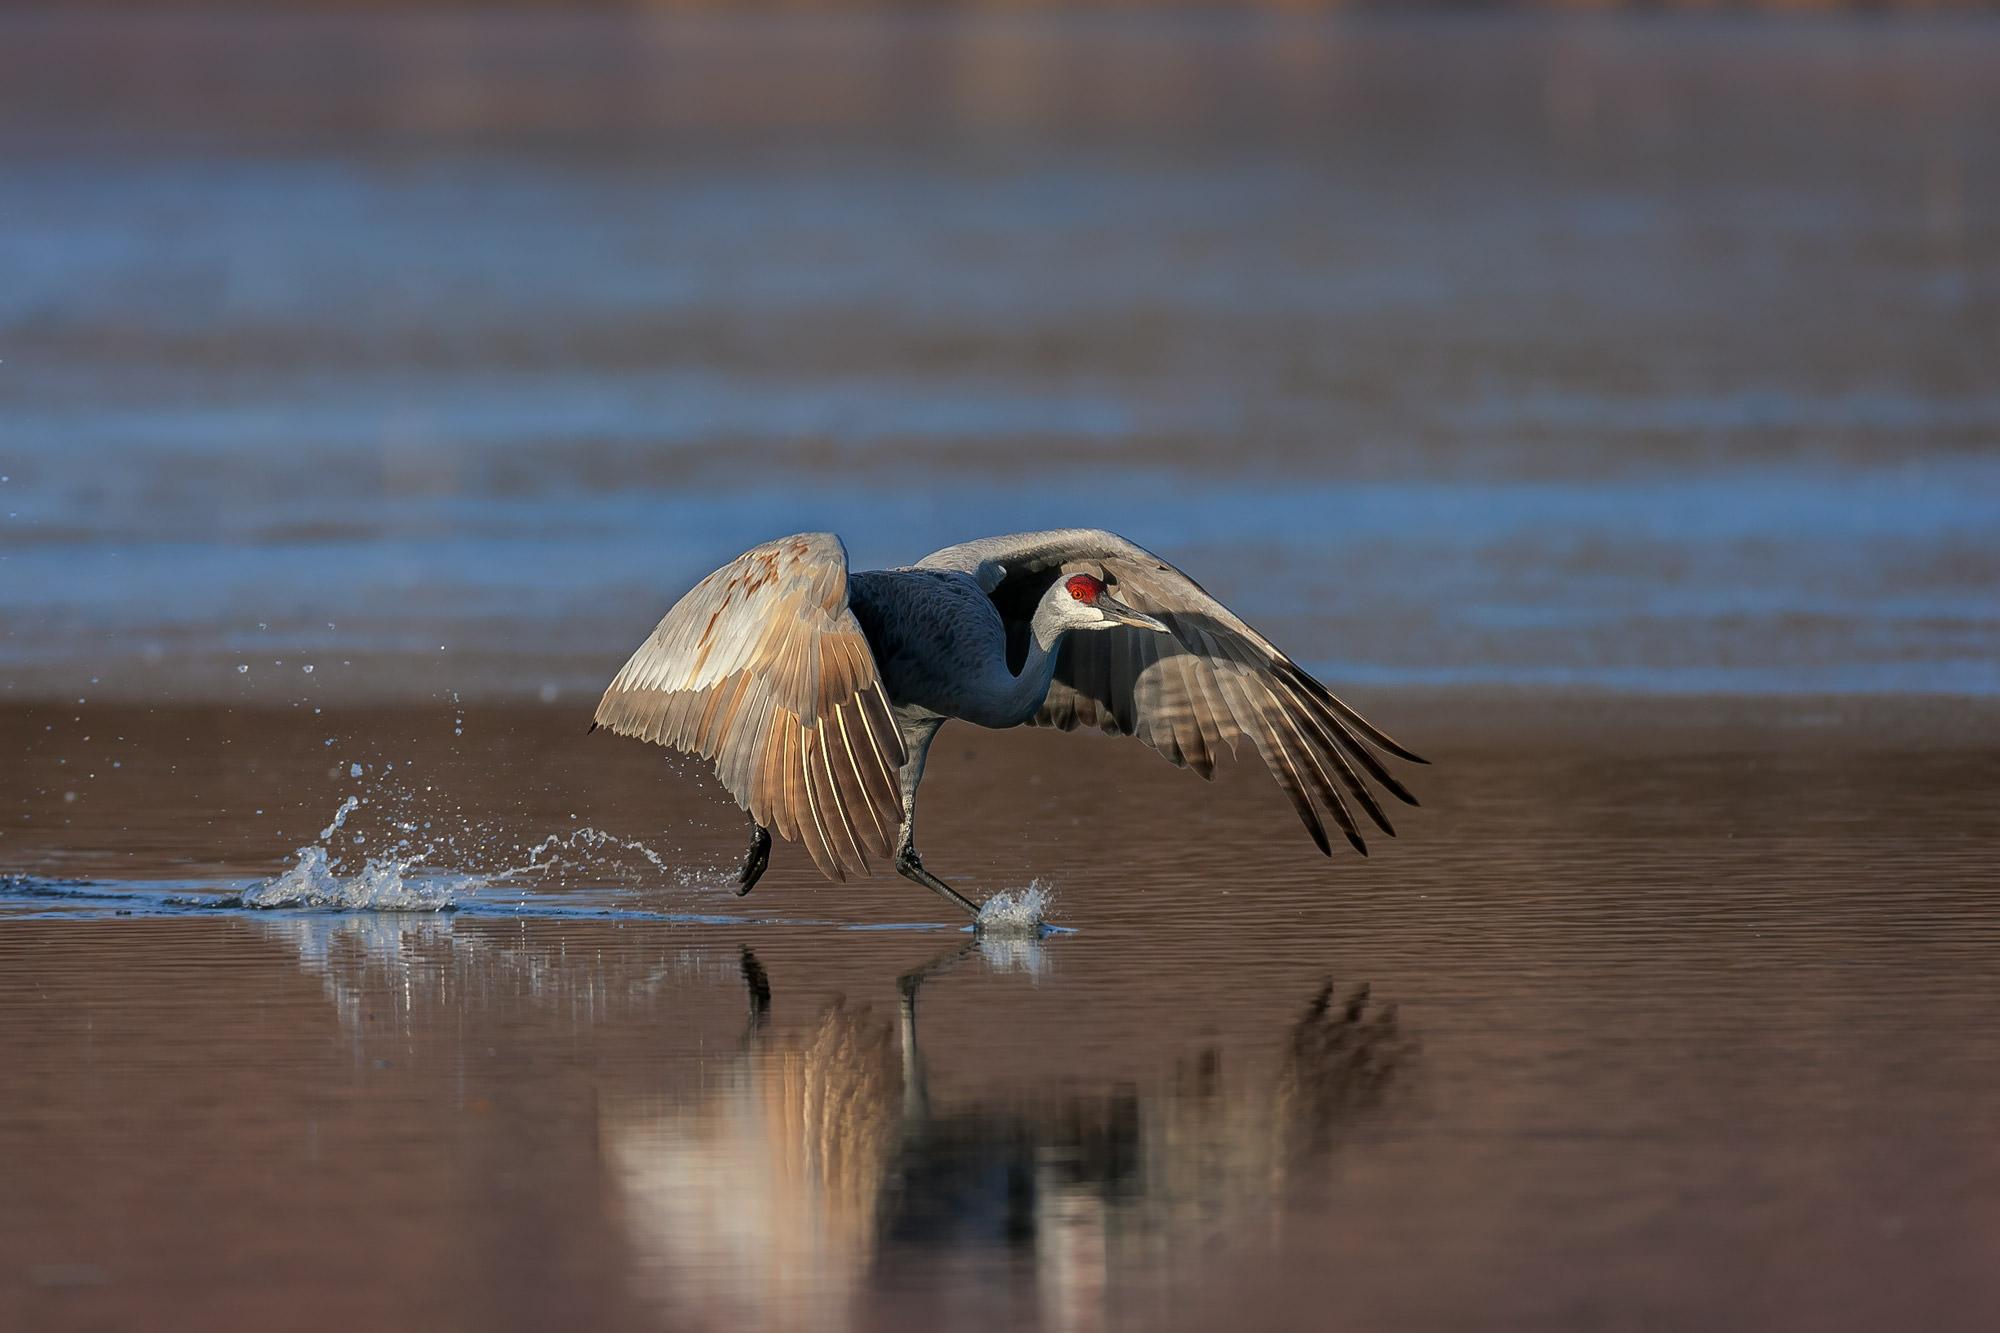 Sandhill Crane, New Mexico, Bosque del Apache, takeoff, limited edition, photograph, fine art, wildlife, photo